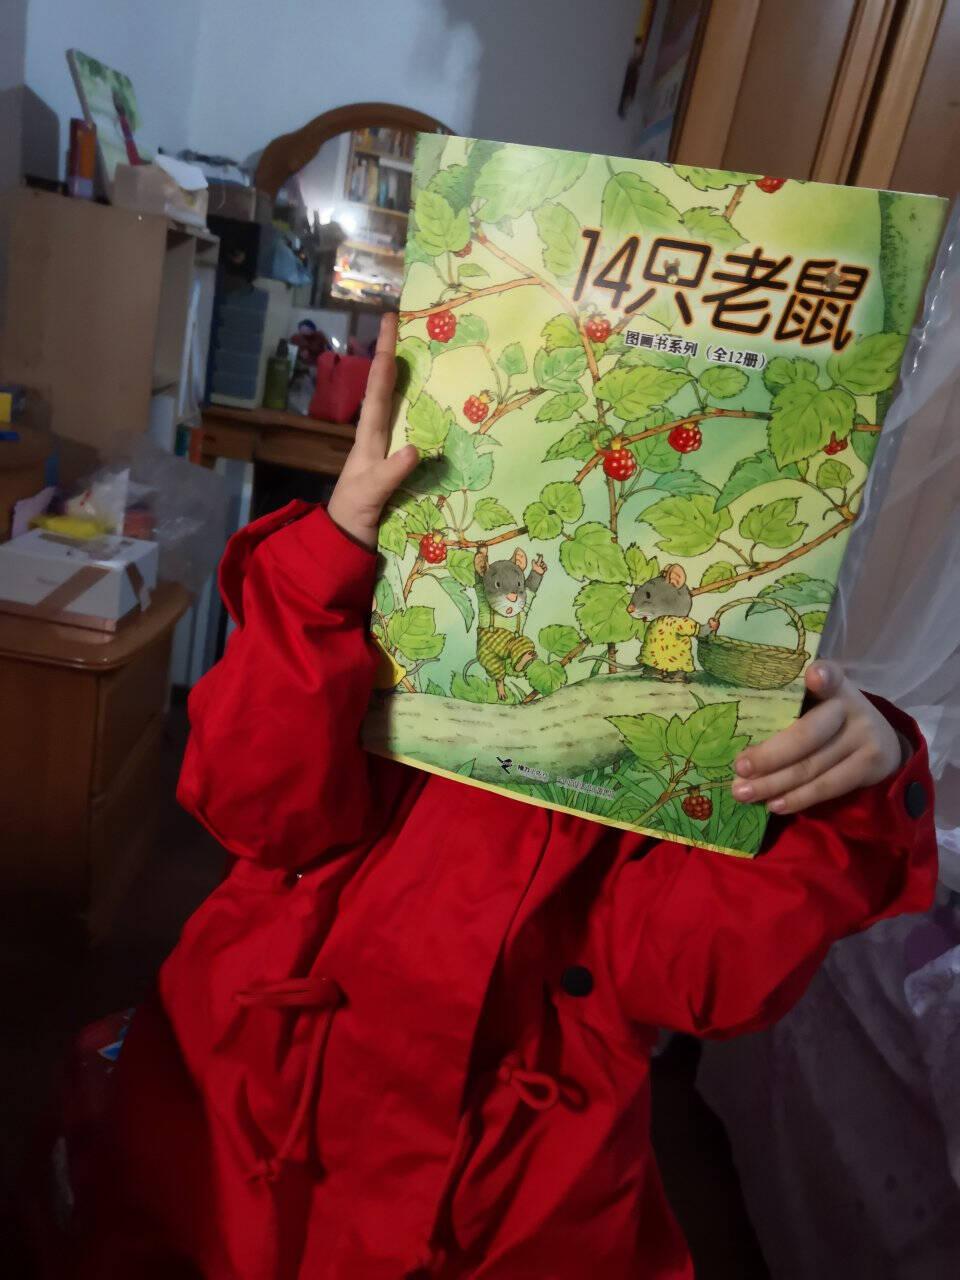 【樊登推荐】14只老鼠图画书系列(全12册)